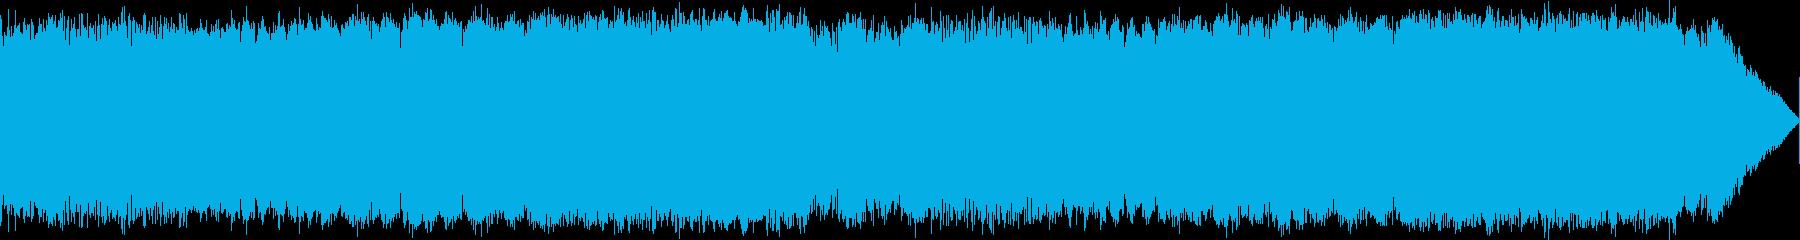 ファンタジーRPGのボスバトルを想定し…の再生済みの波形